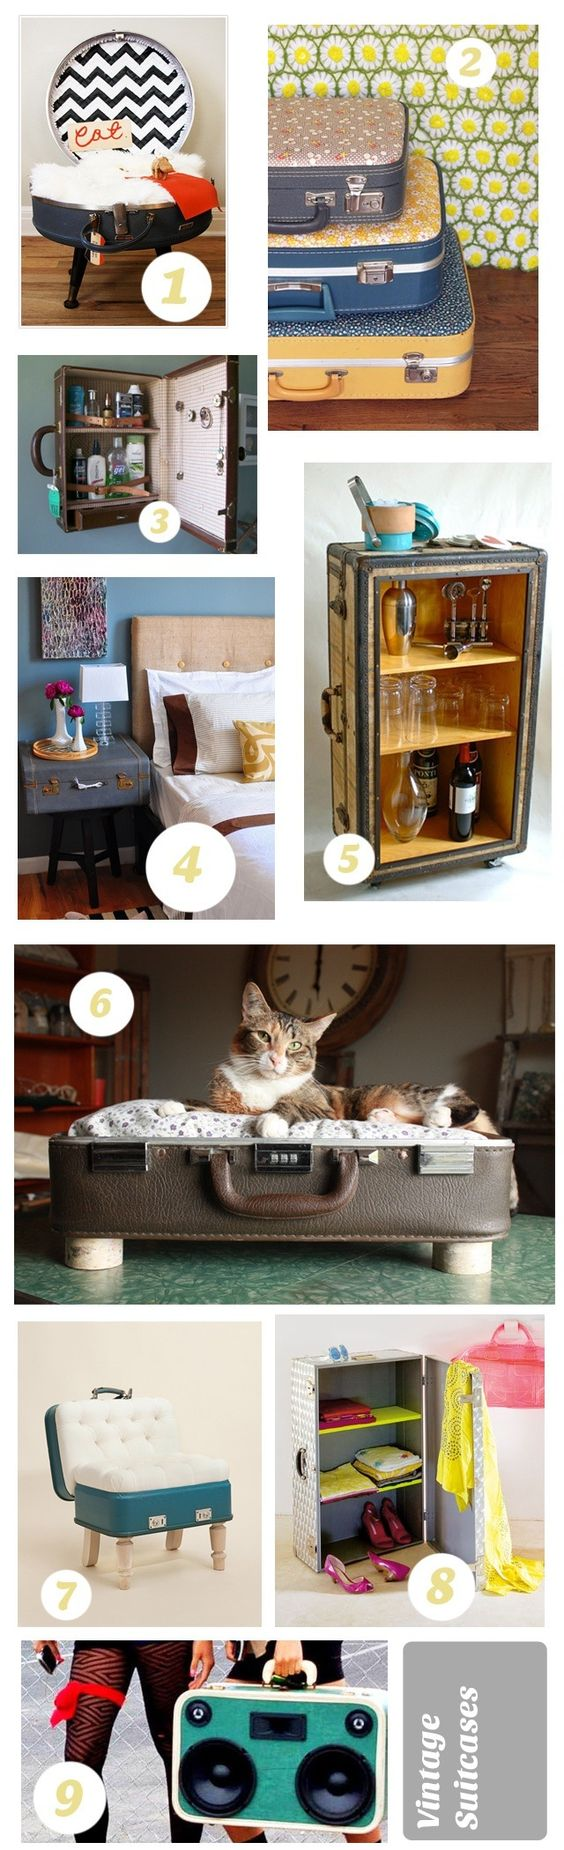 DIY suitcases: